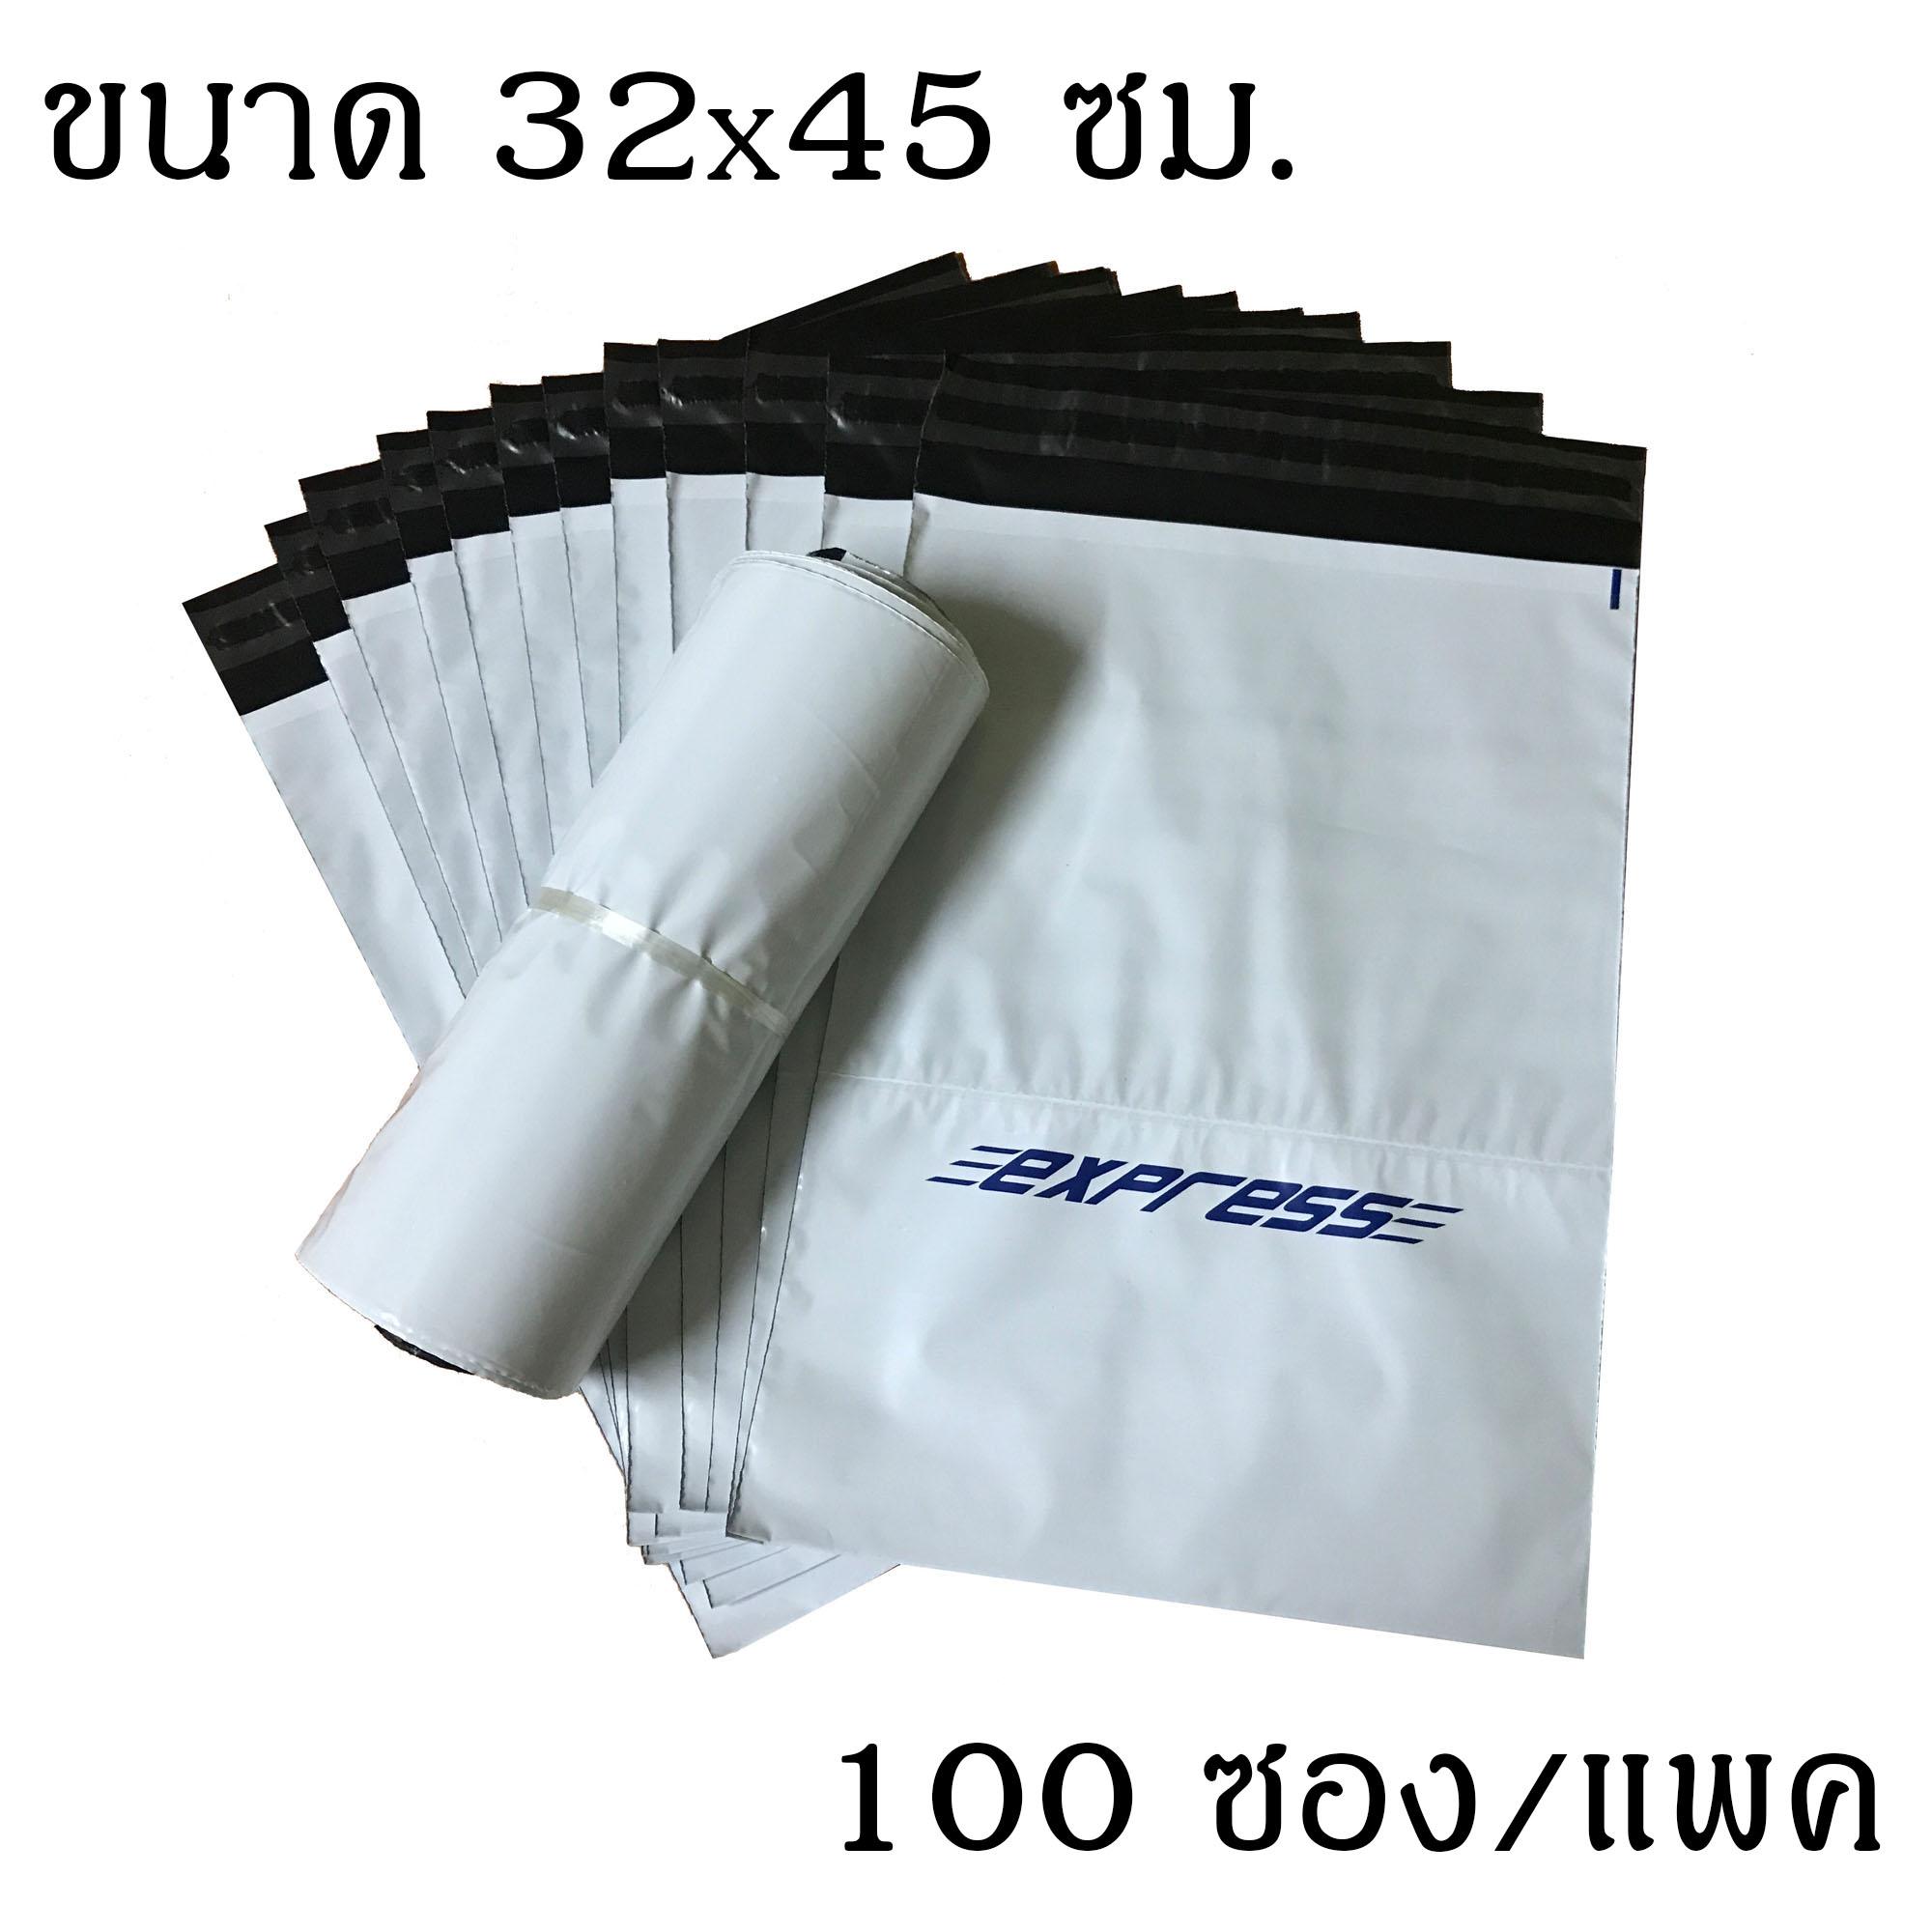 ซองไปรษณีย์พลาสติกพร้อมซองใส ขนาด 32x45 ซม. 100ซอง/แพค